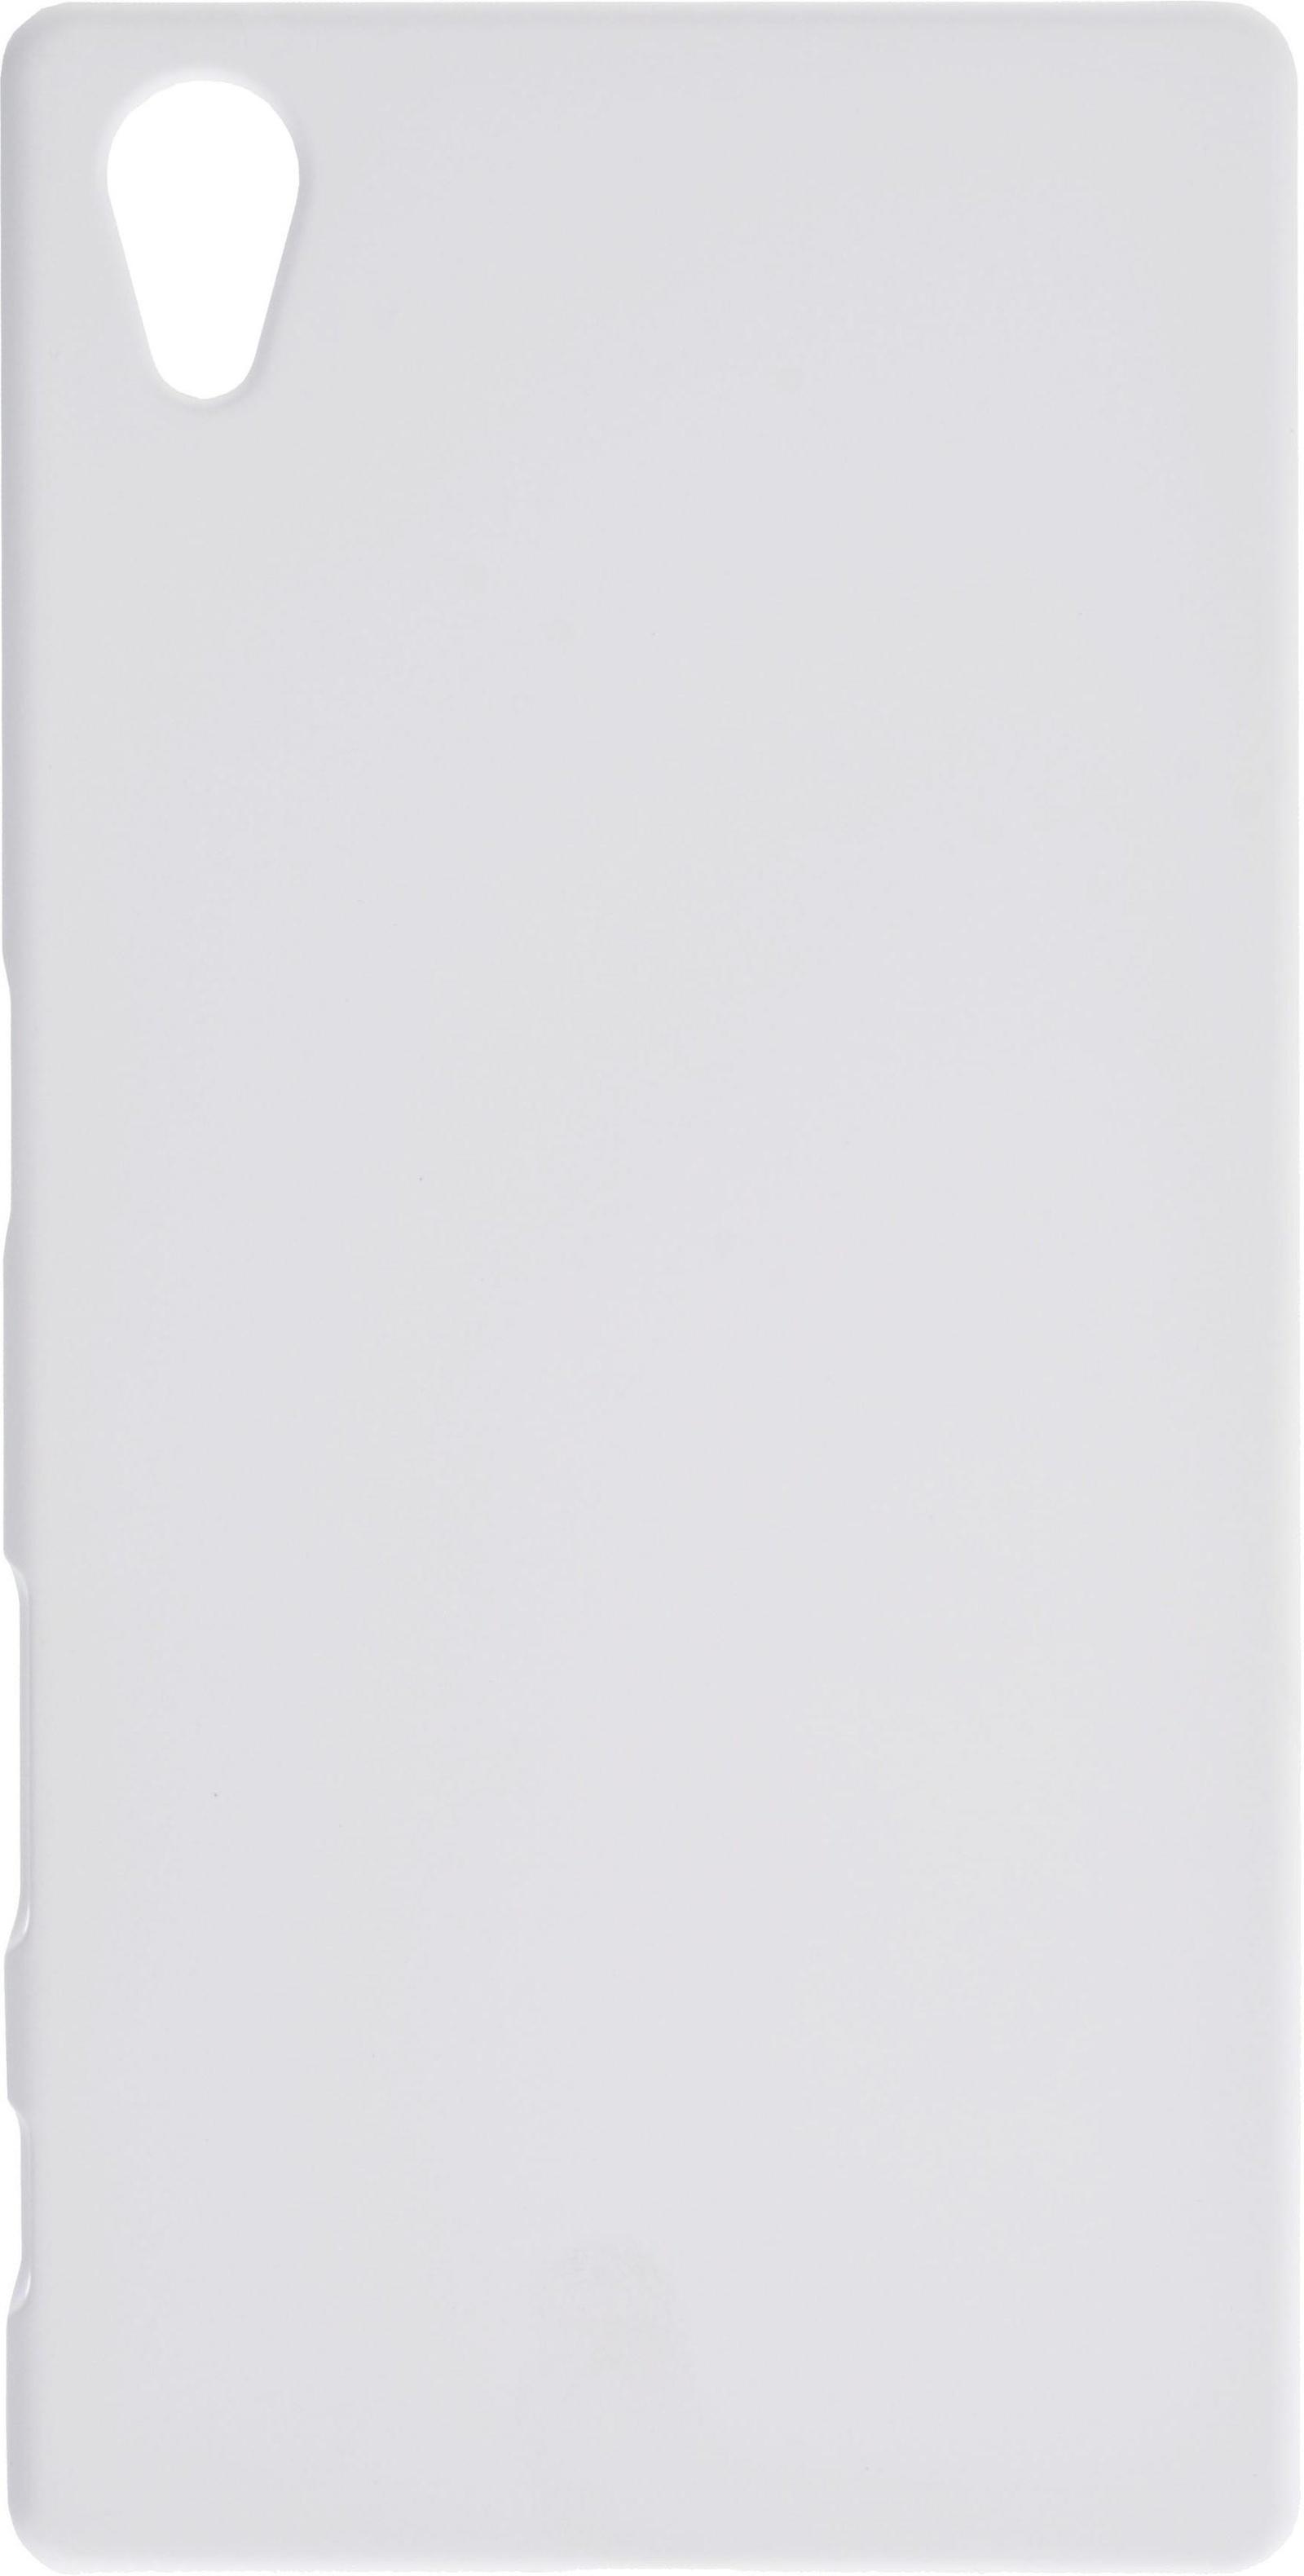 Чехол для сотового телефона skinBOX 4People, 4630042527423, белый стоимость